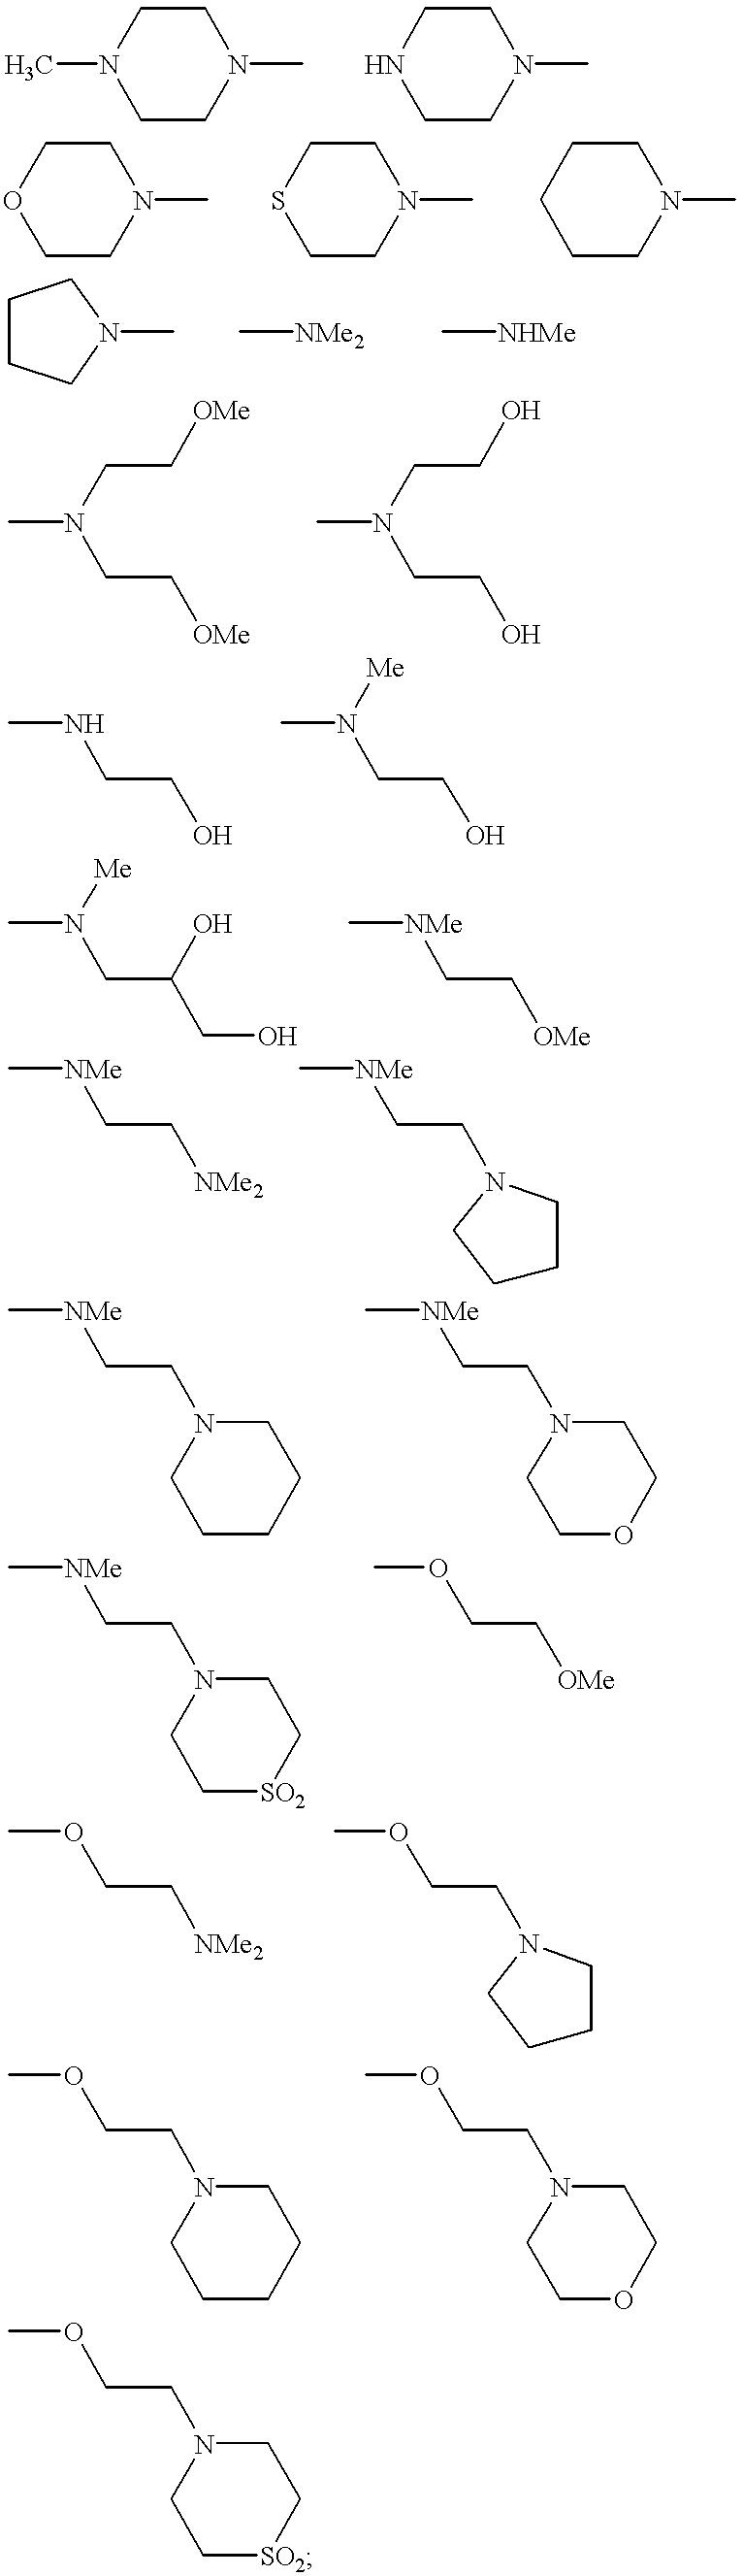 Figure US06376515-20020423-C00159